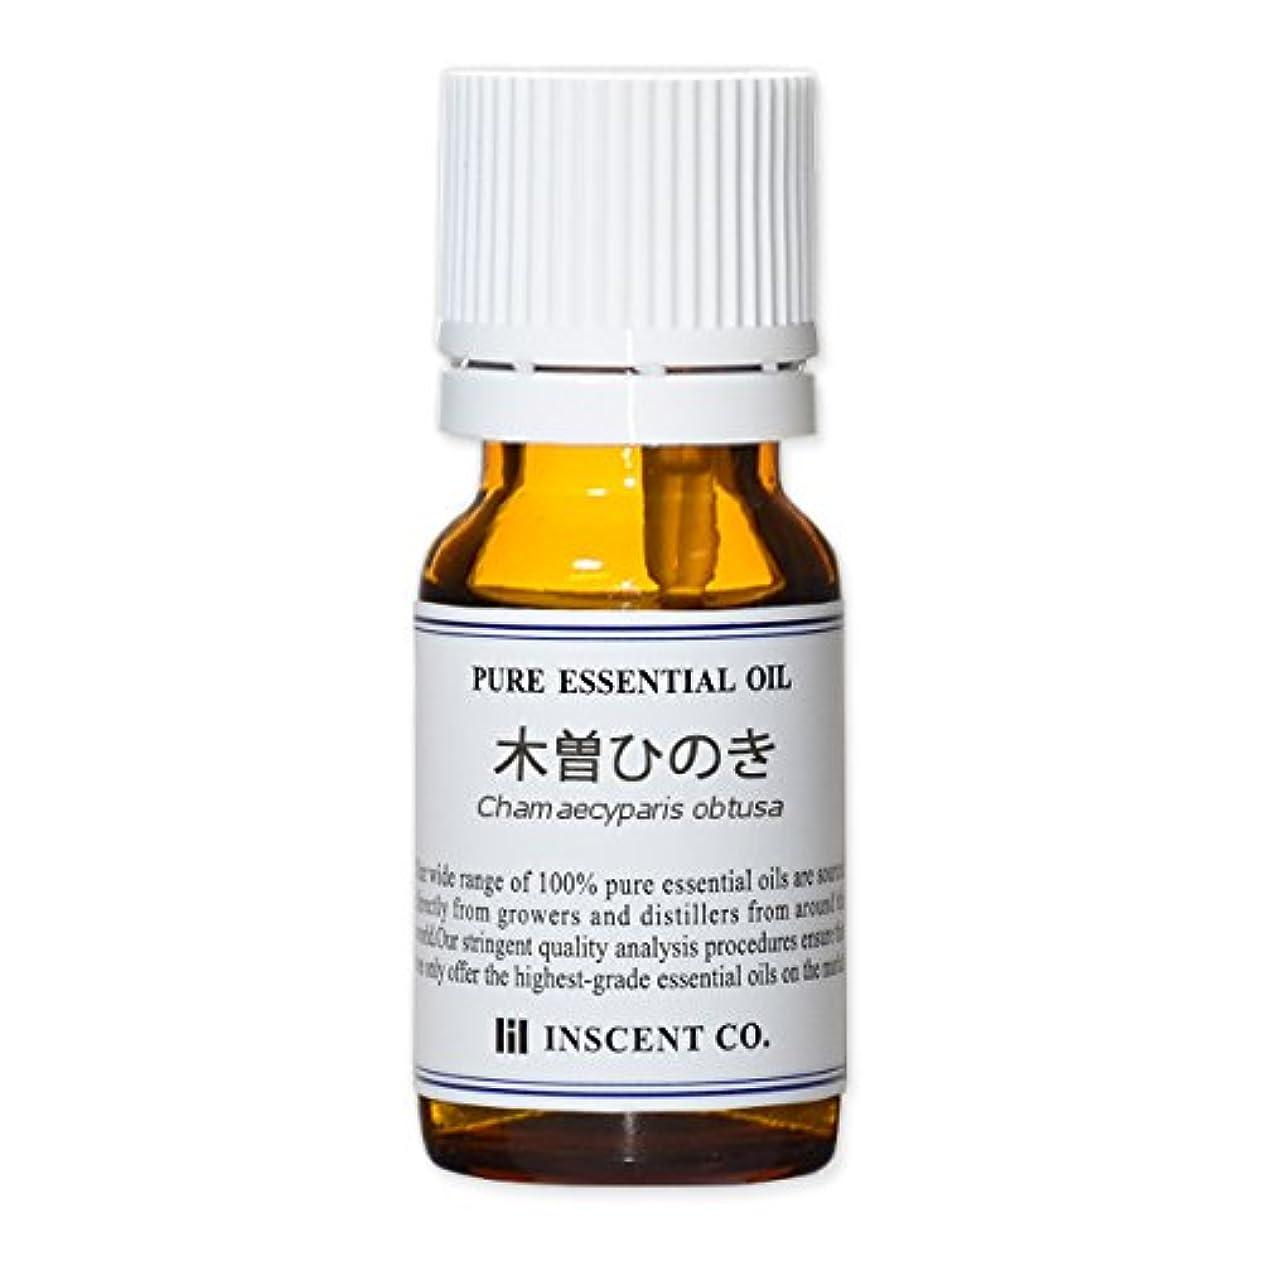 ハブワーディアンケースリファイン木曽ひのき 10ml インセント アロマオイル AEAJ 表示基準適合認定精油